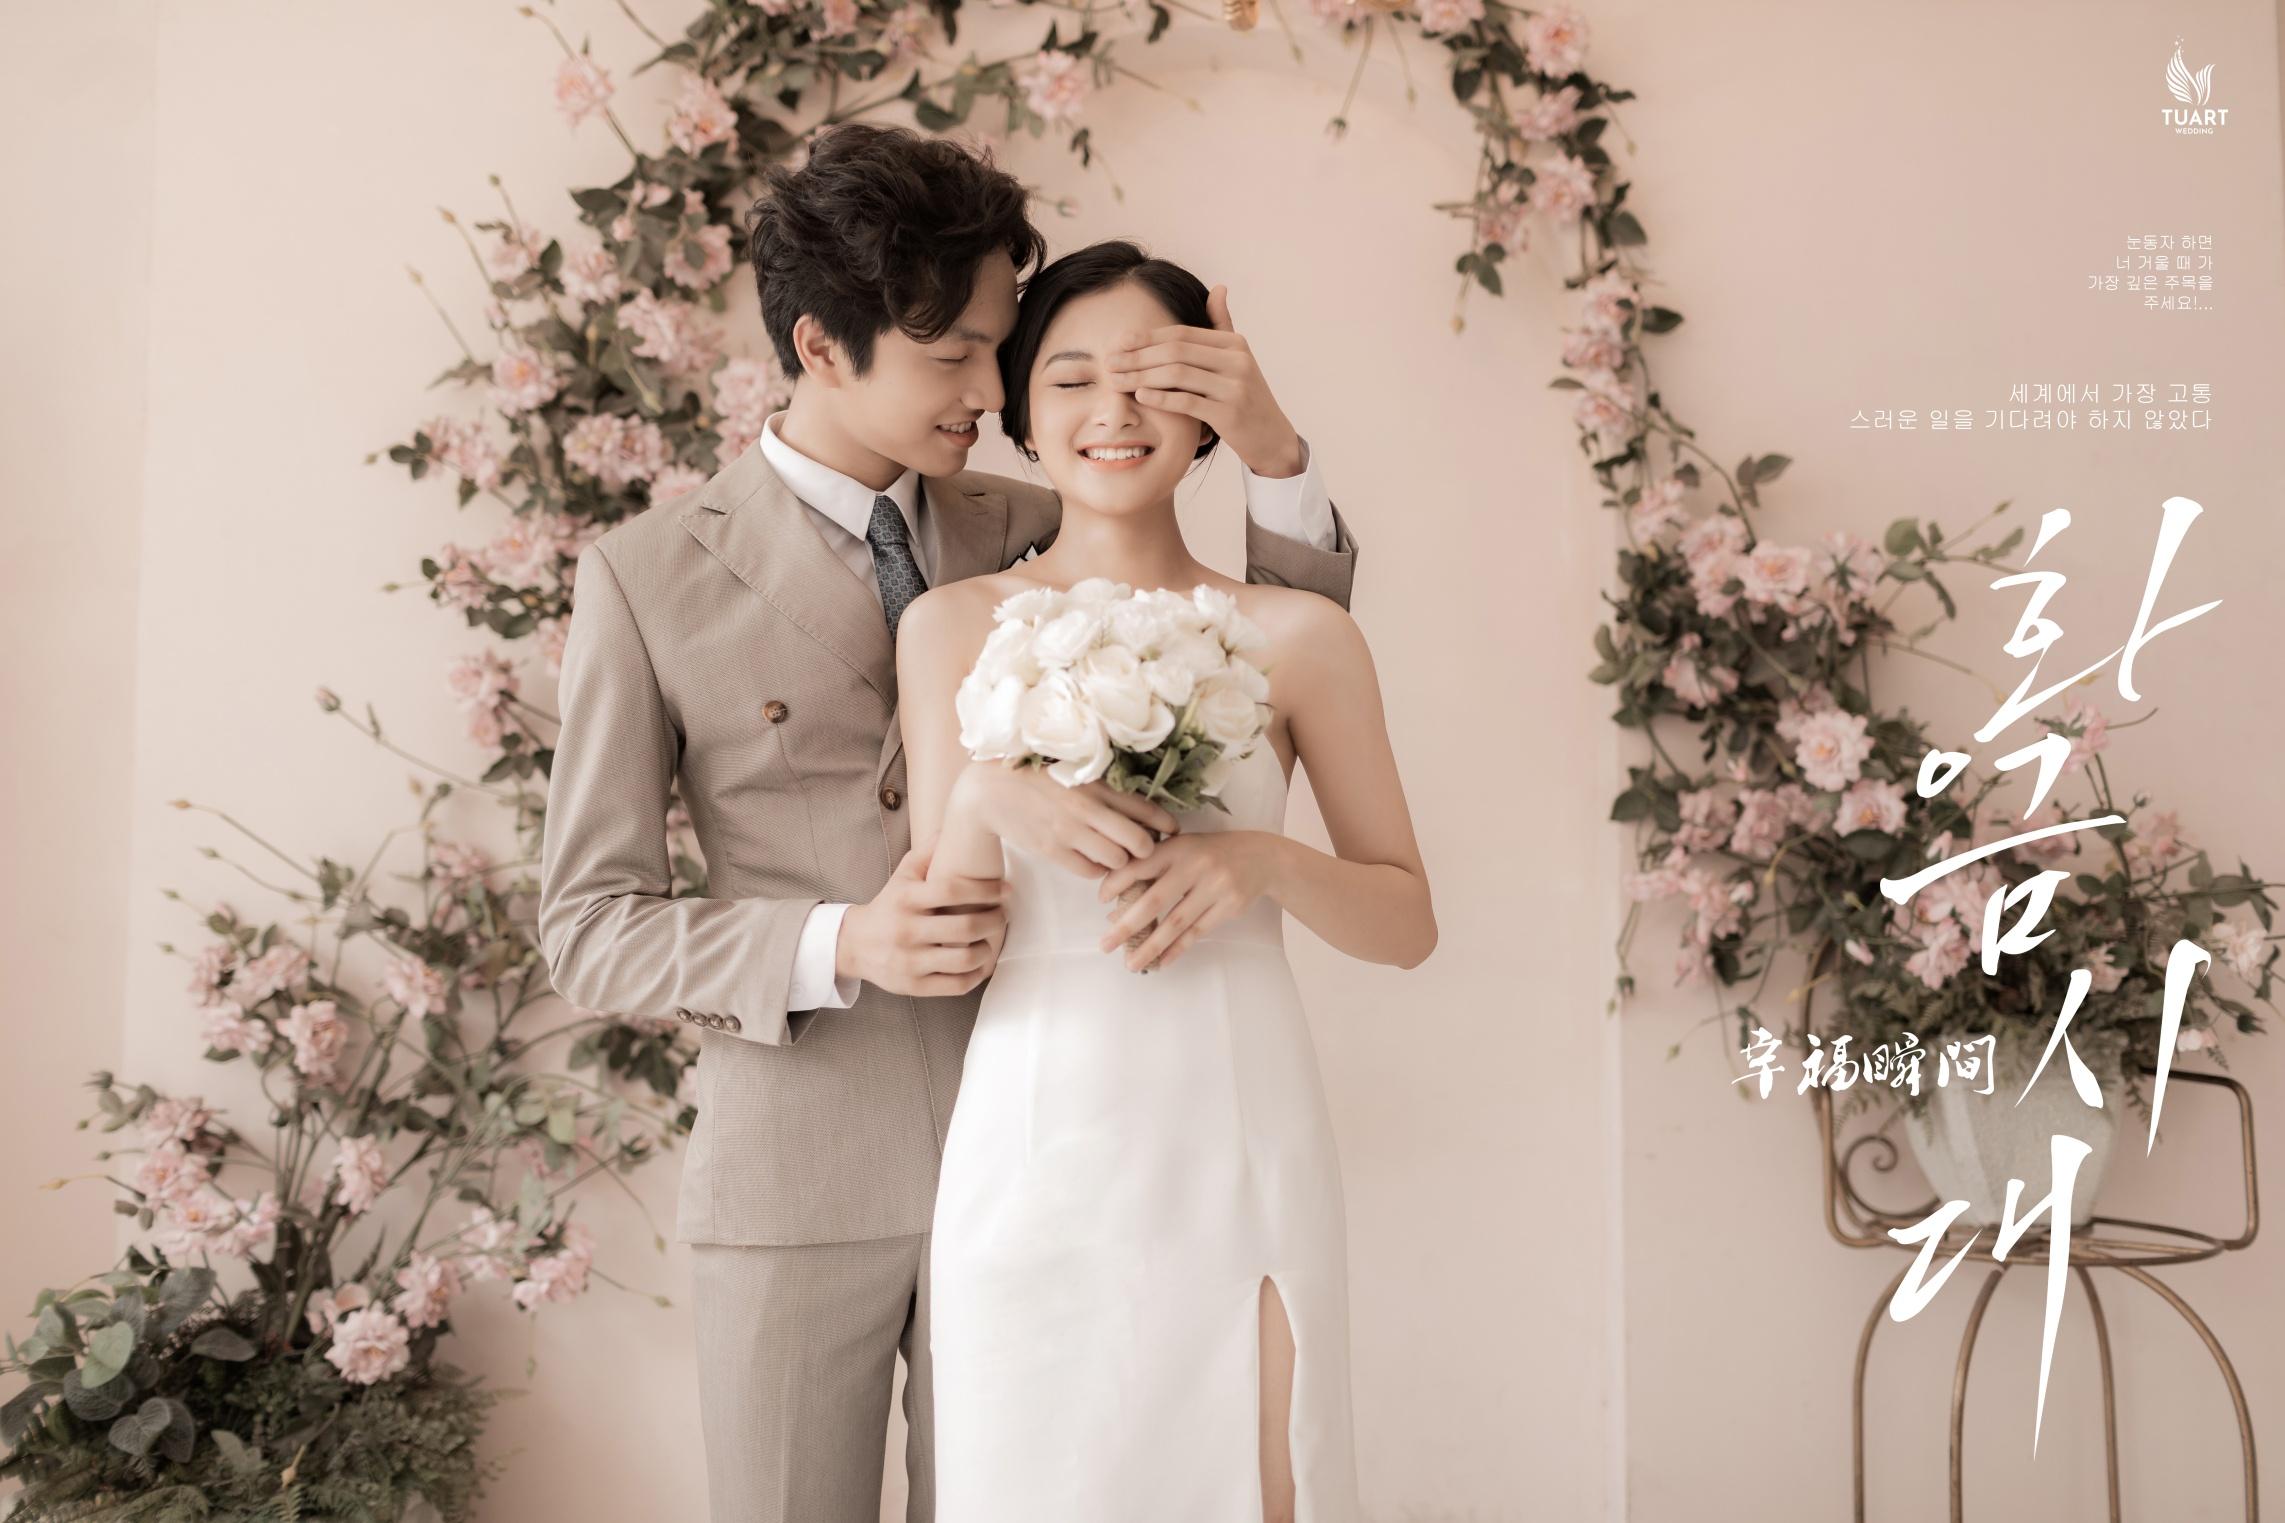 Xếp hạng 6 Studio chụp ảnh cưới đẹp nhất Hà Giang -  Hà Giang Photos